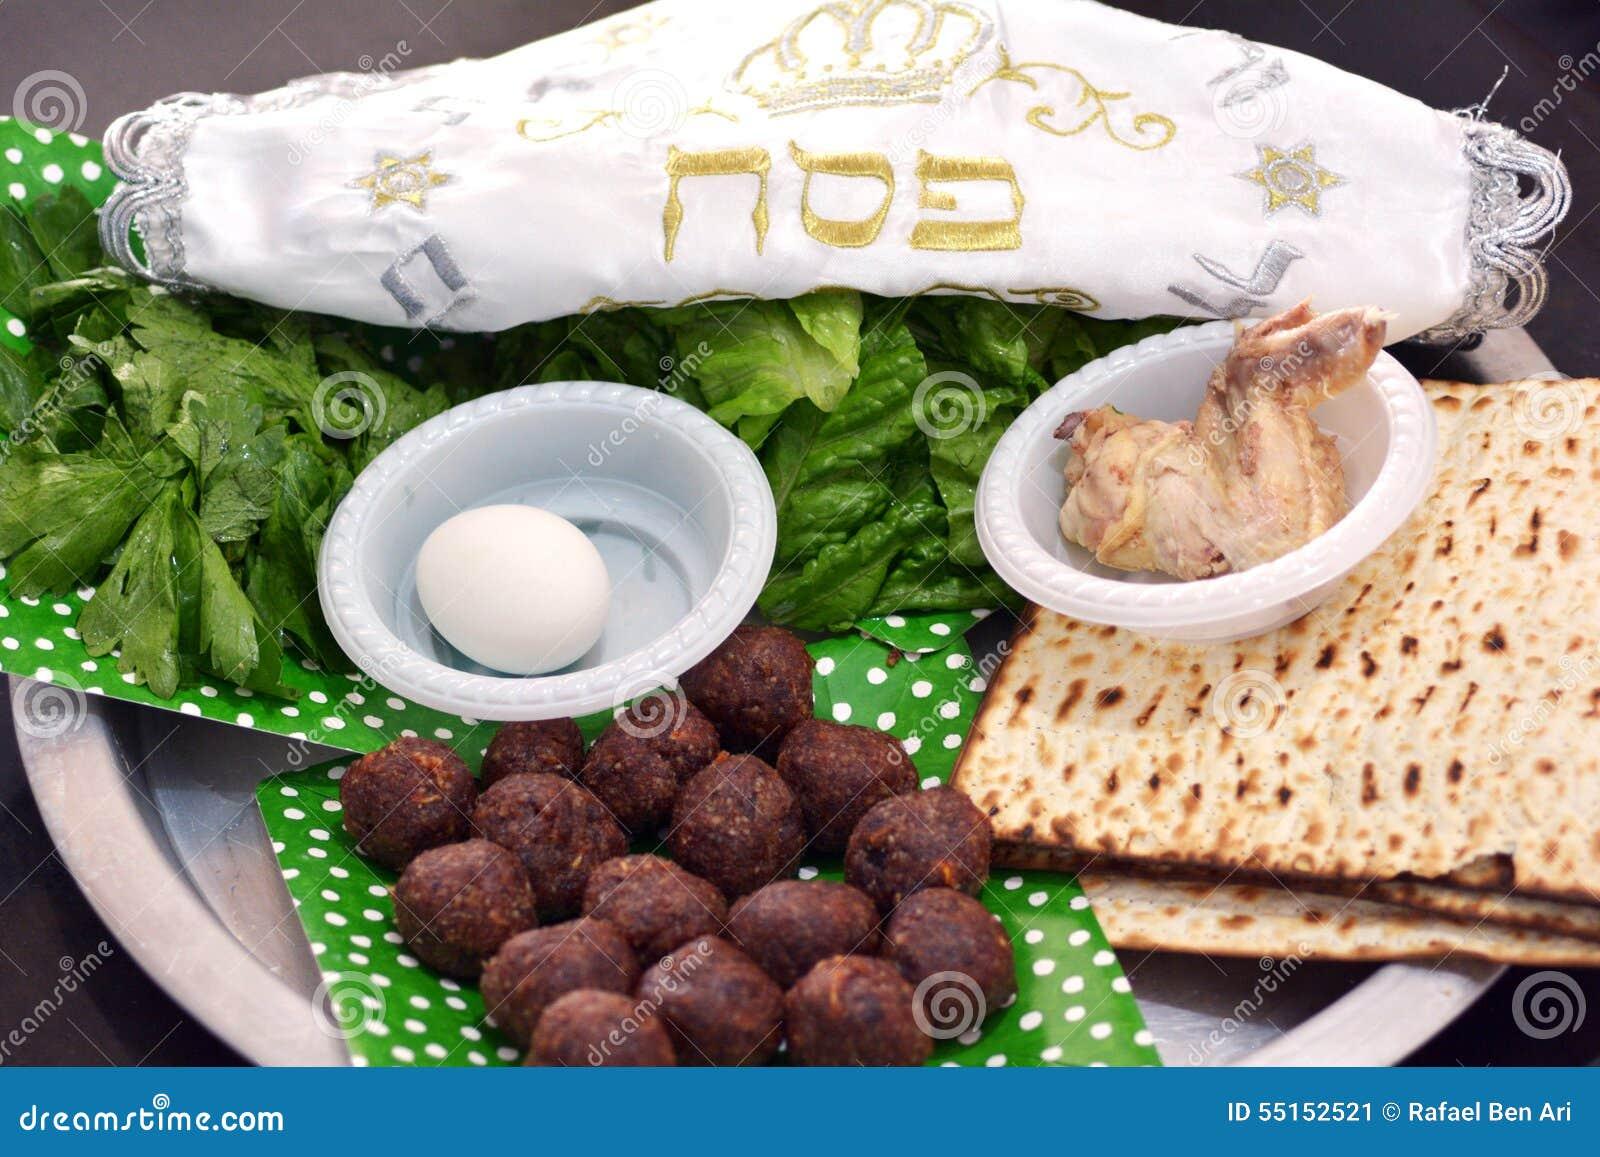 Placa del seder de la pascua judía - días de fiesta judíos